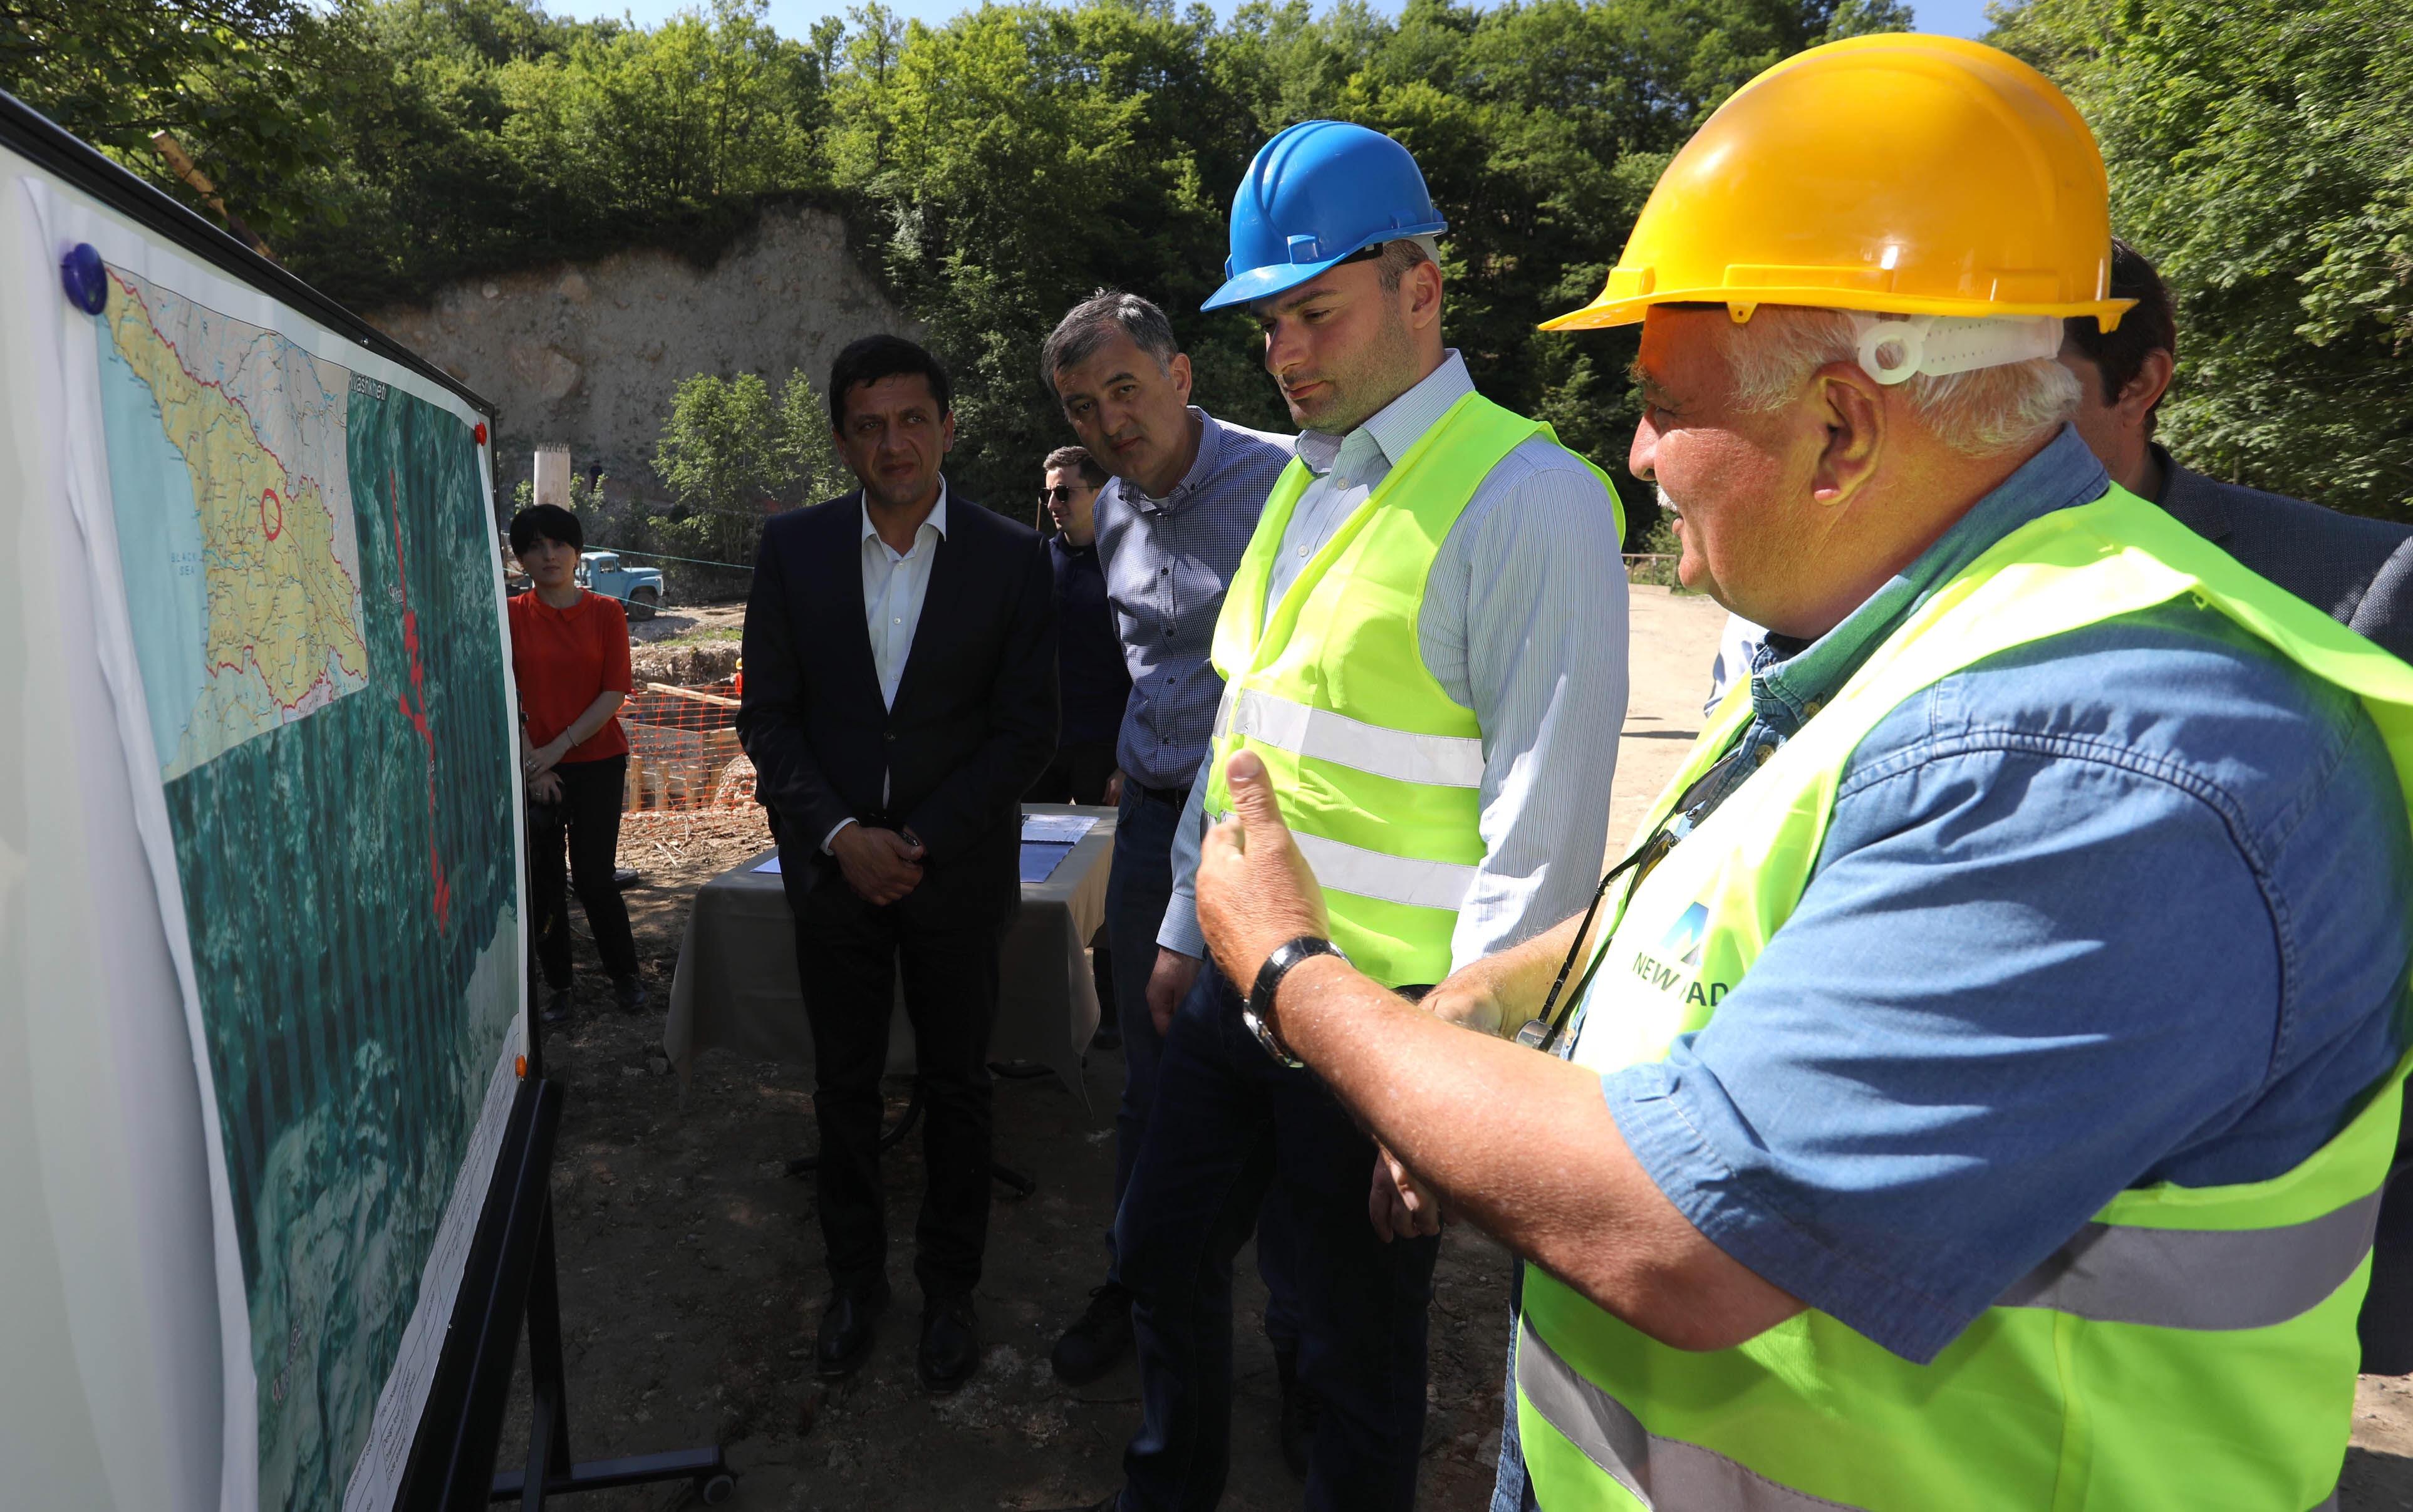 მამუკა ბახტაძე ზემო იმერეთი-ონის დამაკავშირებელი გზის სამშენებლო სამუშაოების მიმდინარეობას გაეცნო